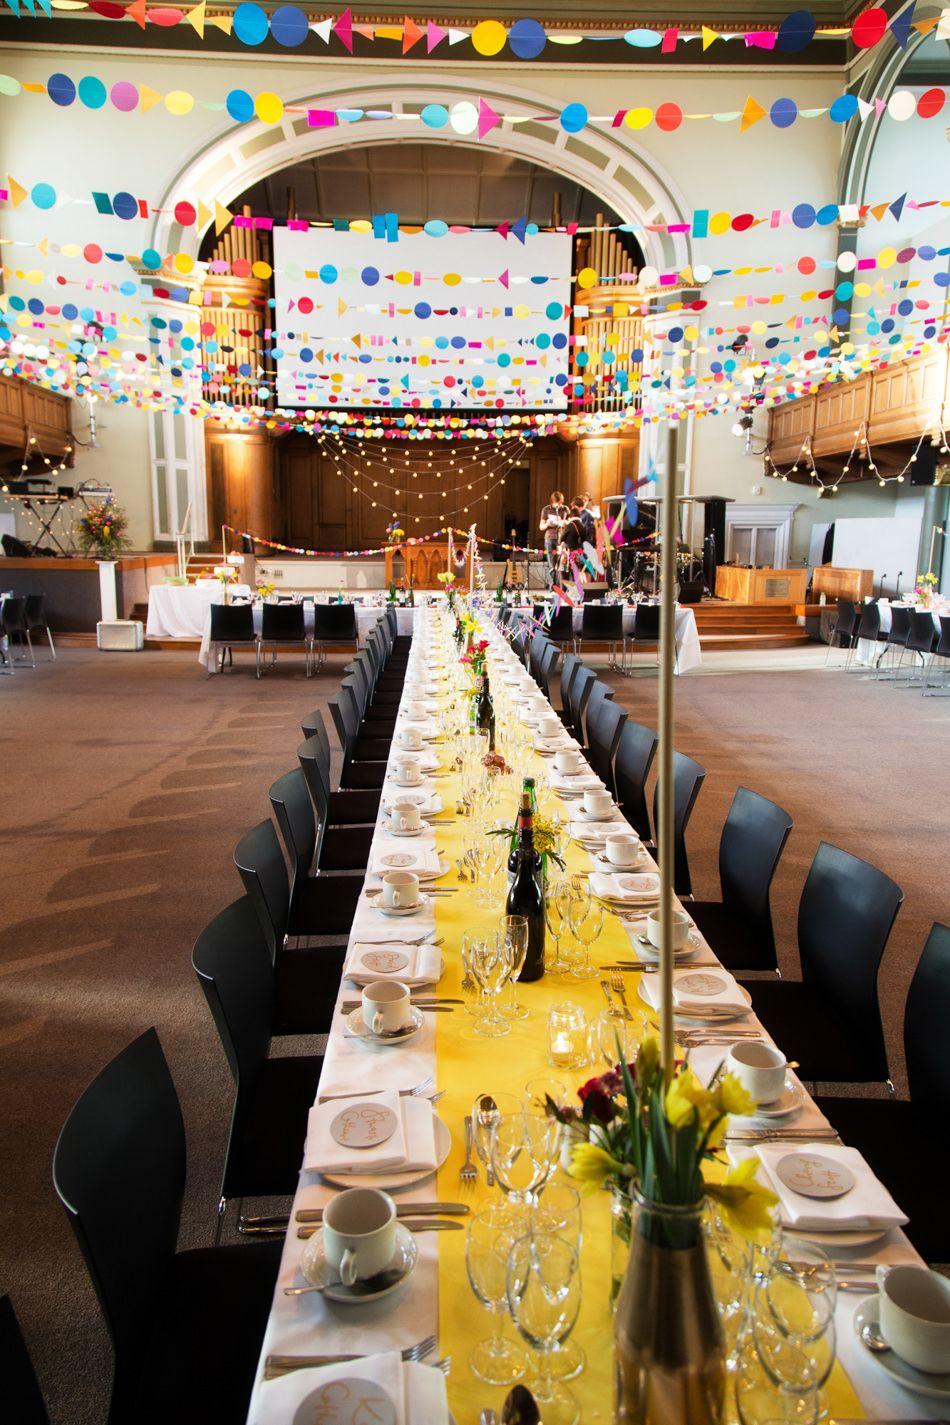 Central Hall Edinburgh Wedding Venue For A Colourful Modern Wedding